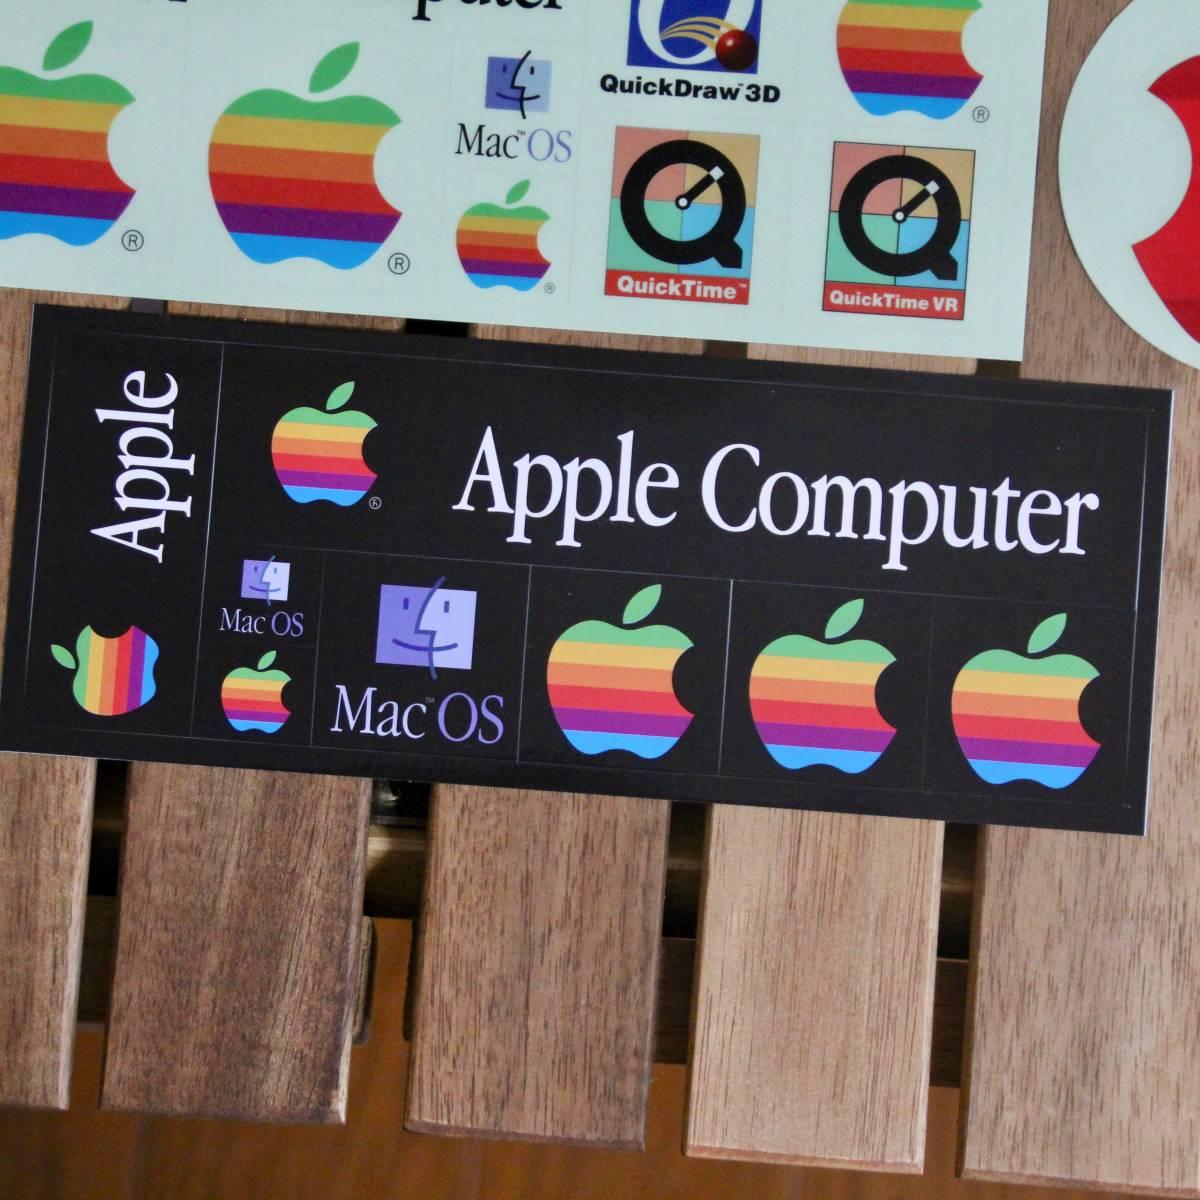 デッドストック Apple Computer アップル コンピューター レインボー ロゴ Mac OS ステッカーセット 非売品 ノベルティー Think Different_画像3